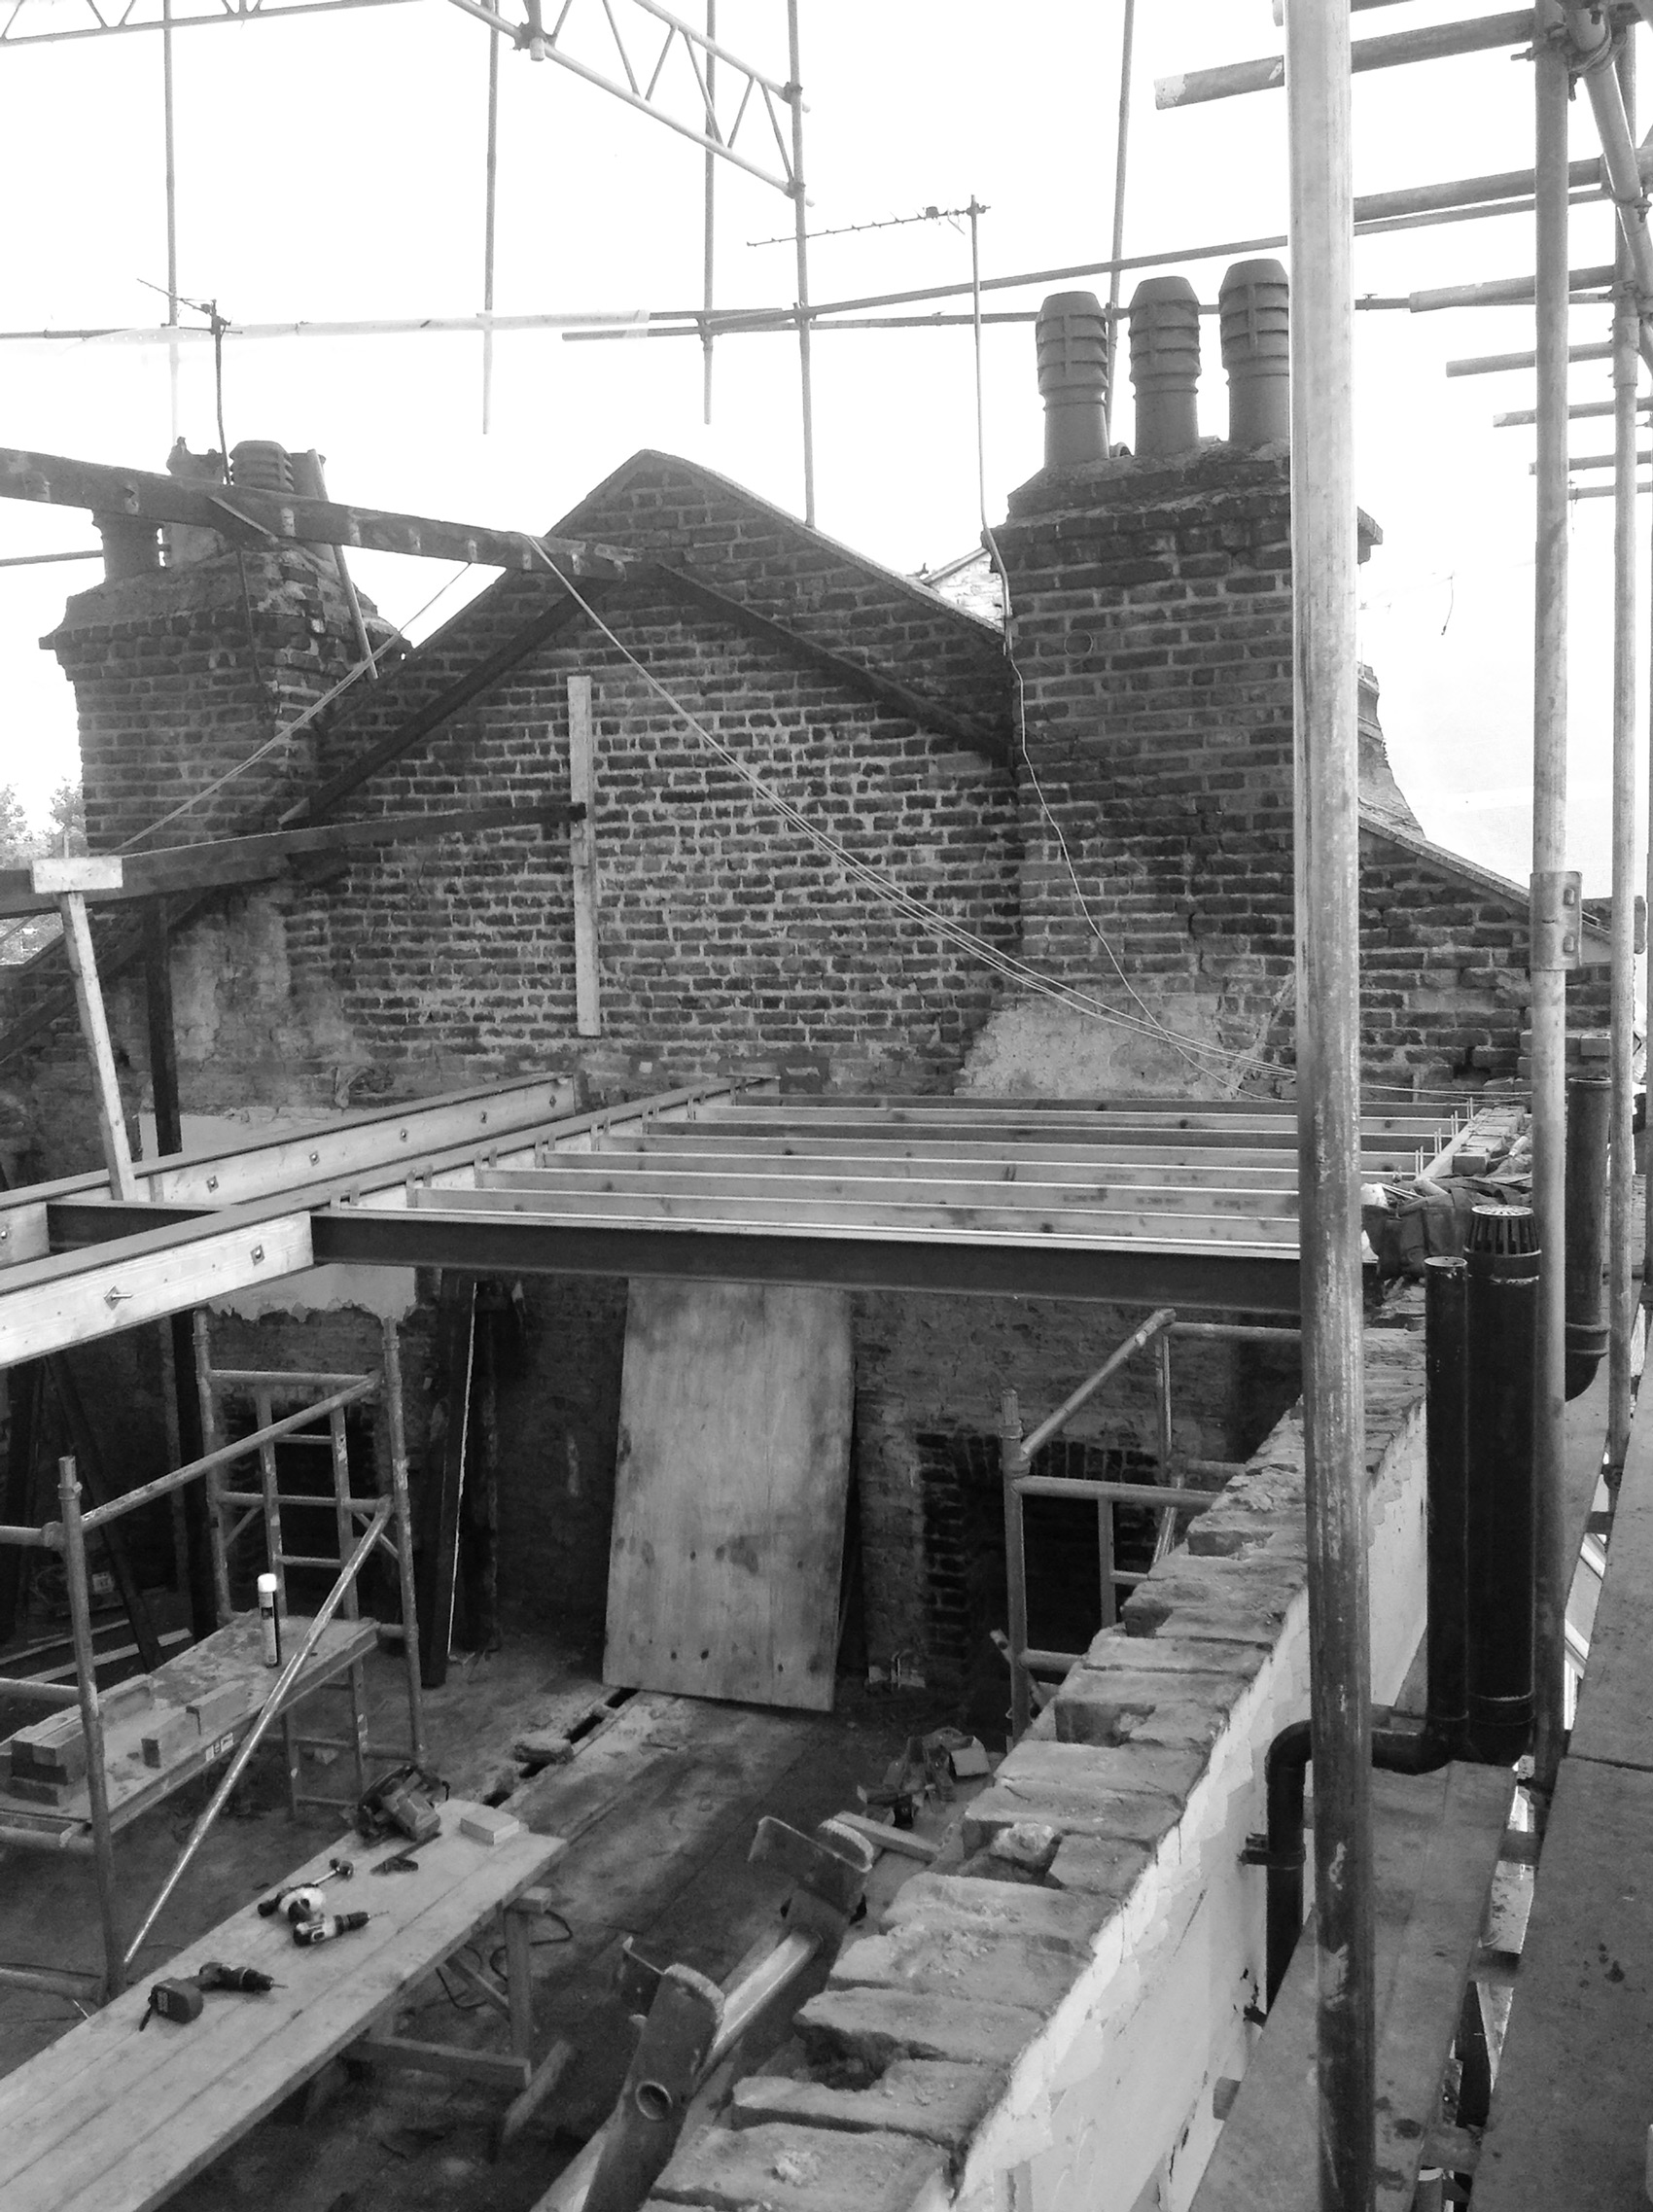 Sulgrave Road Apartments / Teatum+Teatum (30)